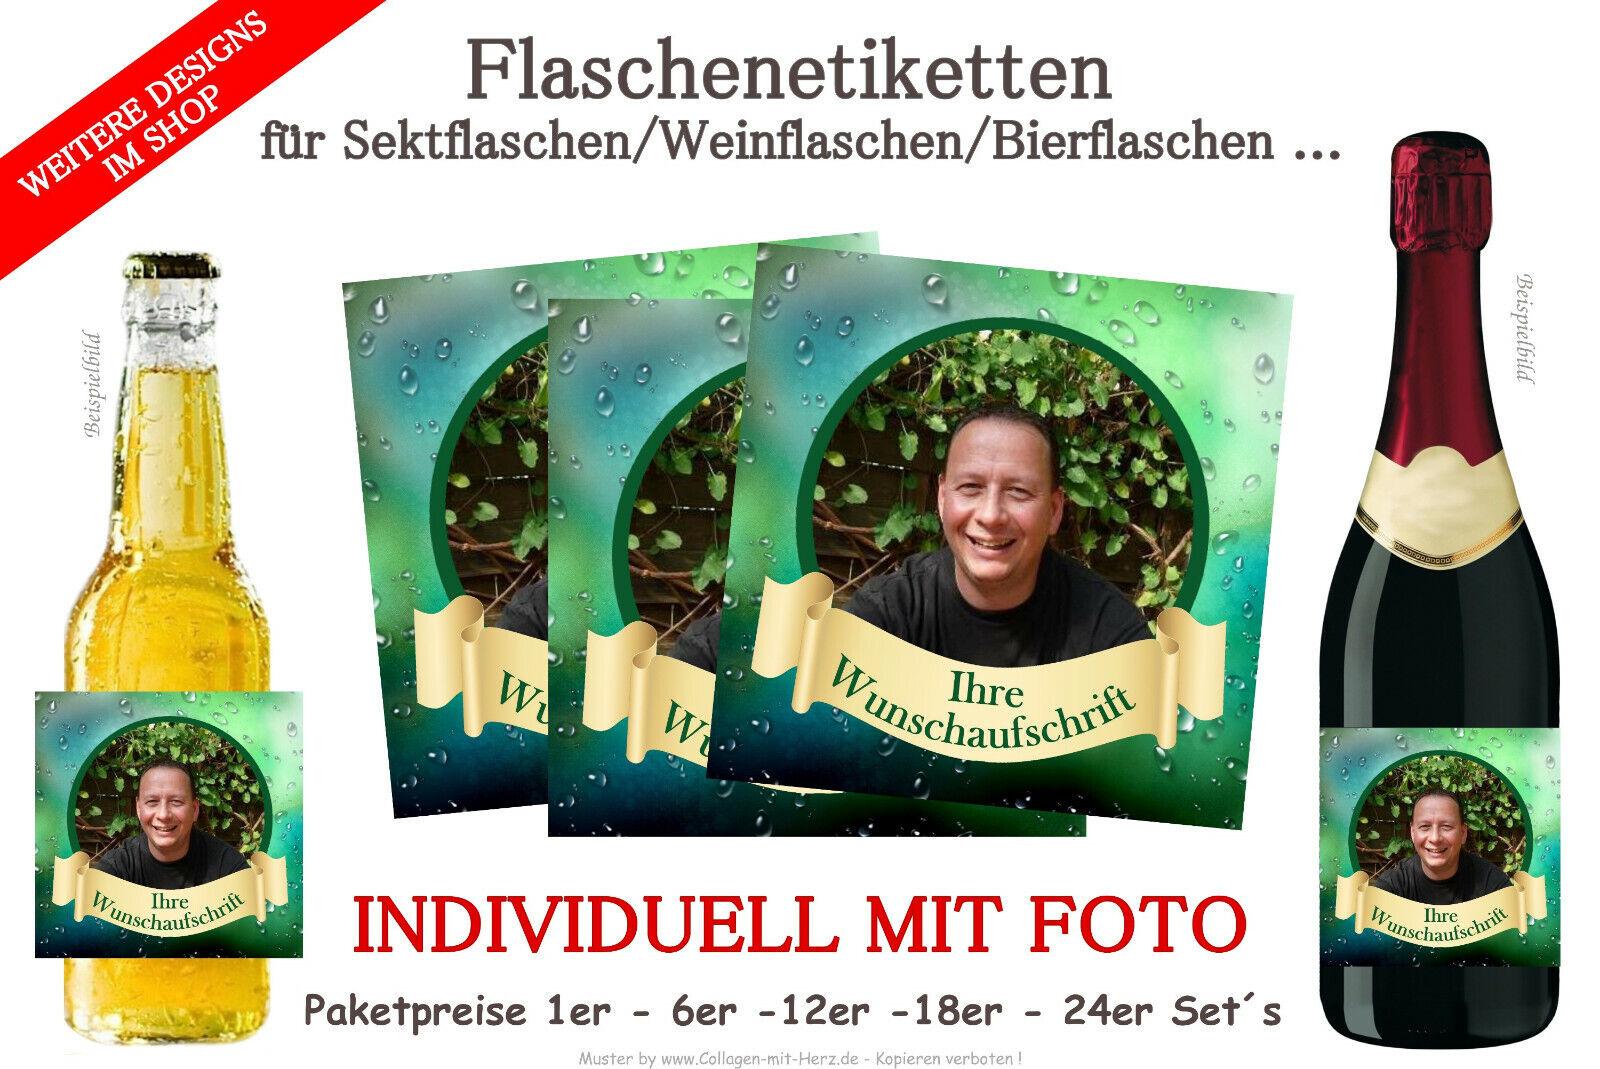 Sektflaschen Bierflaschen für Geburtstag mit Foto D25 Flaschenetikett f